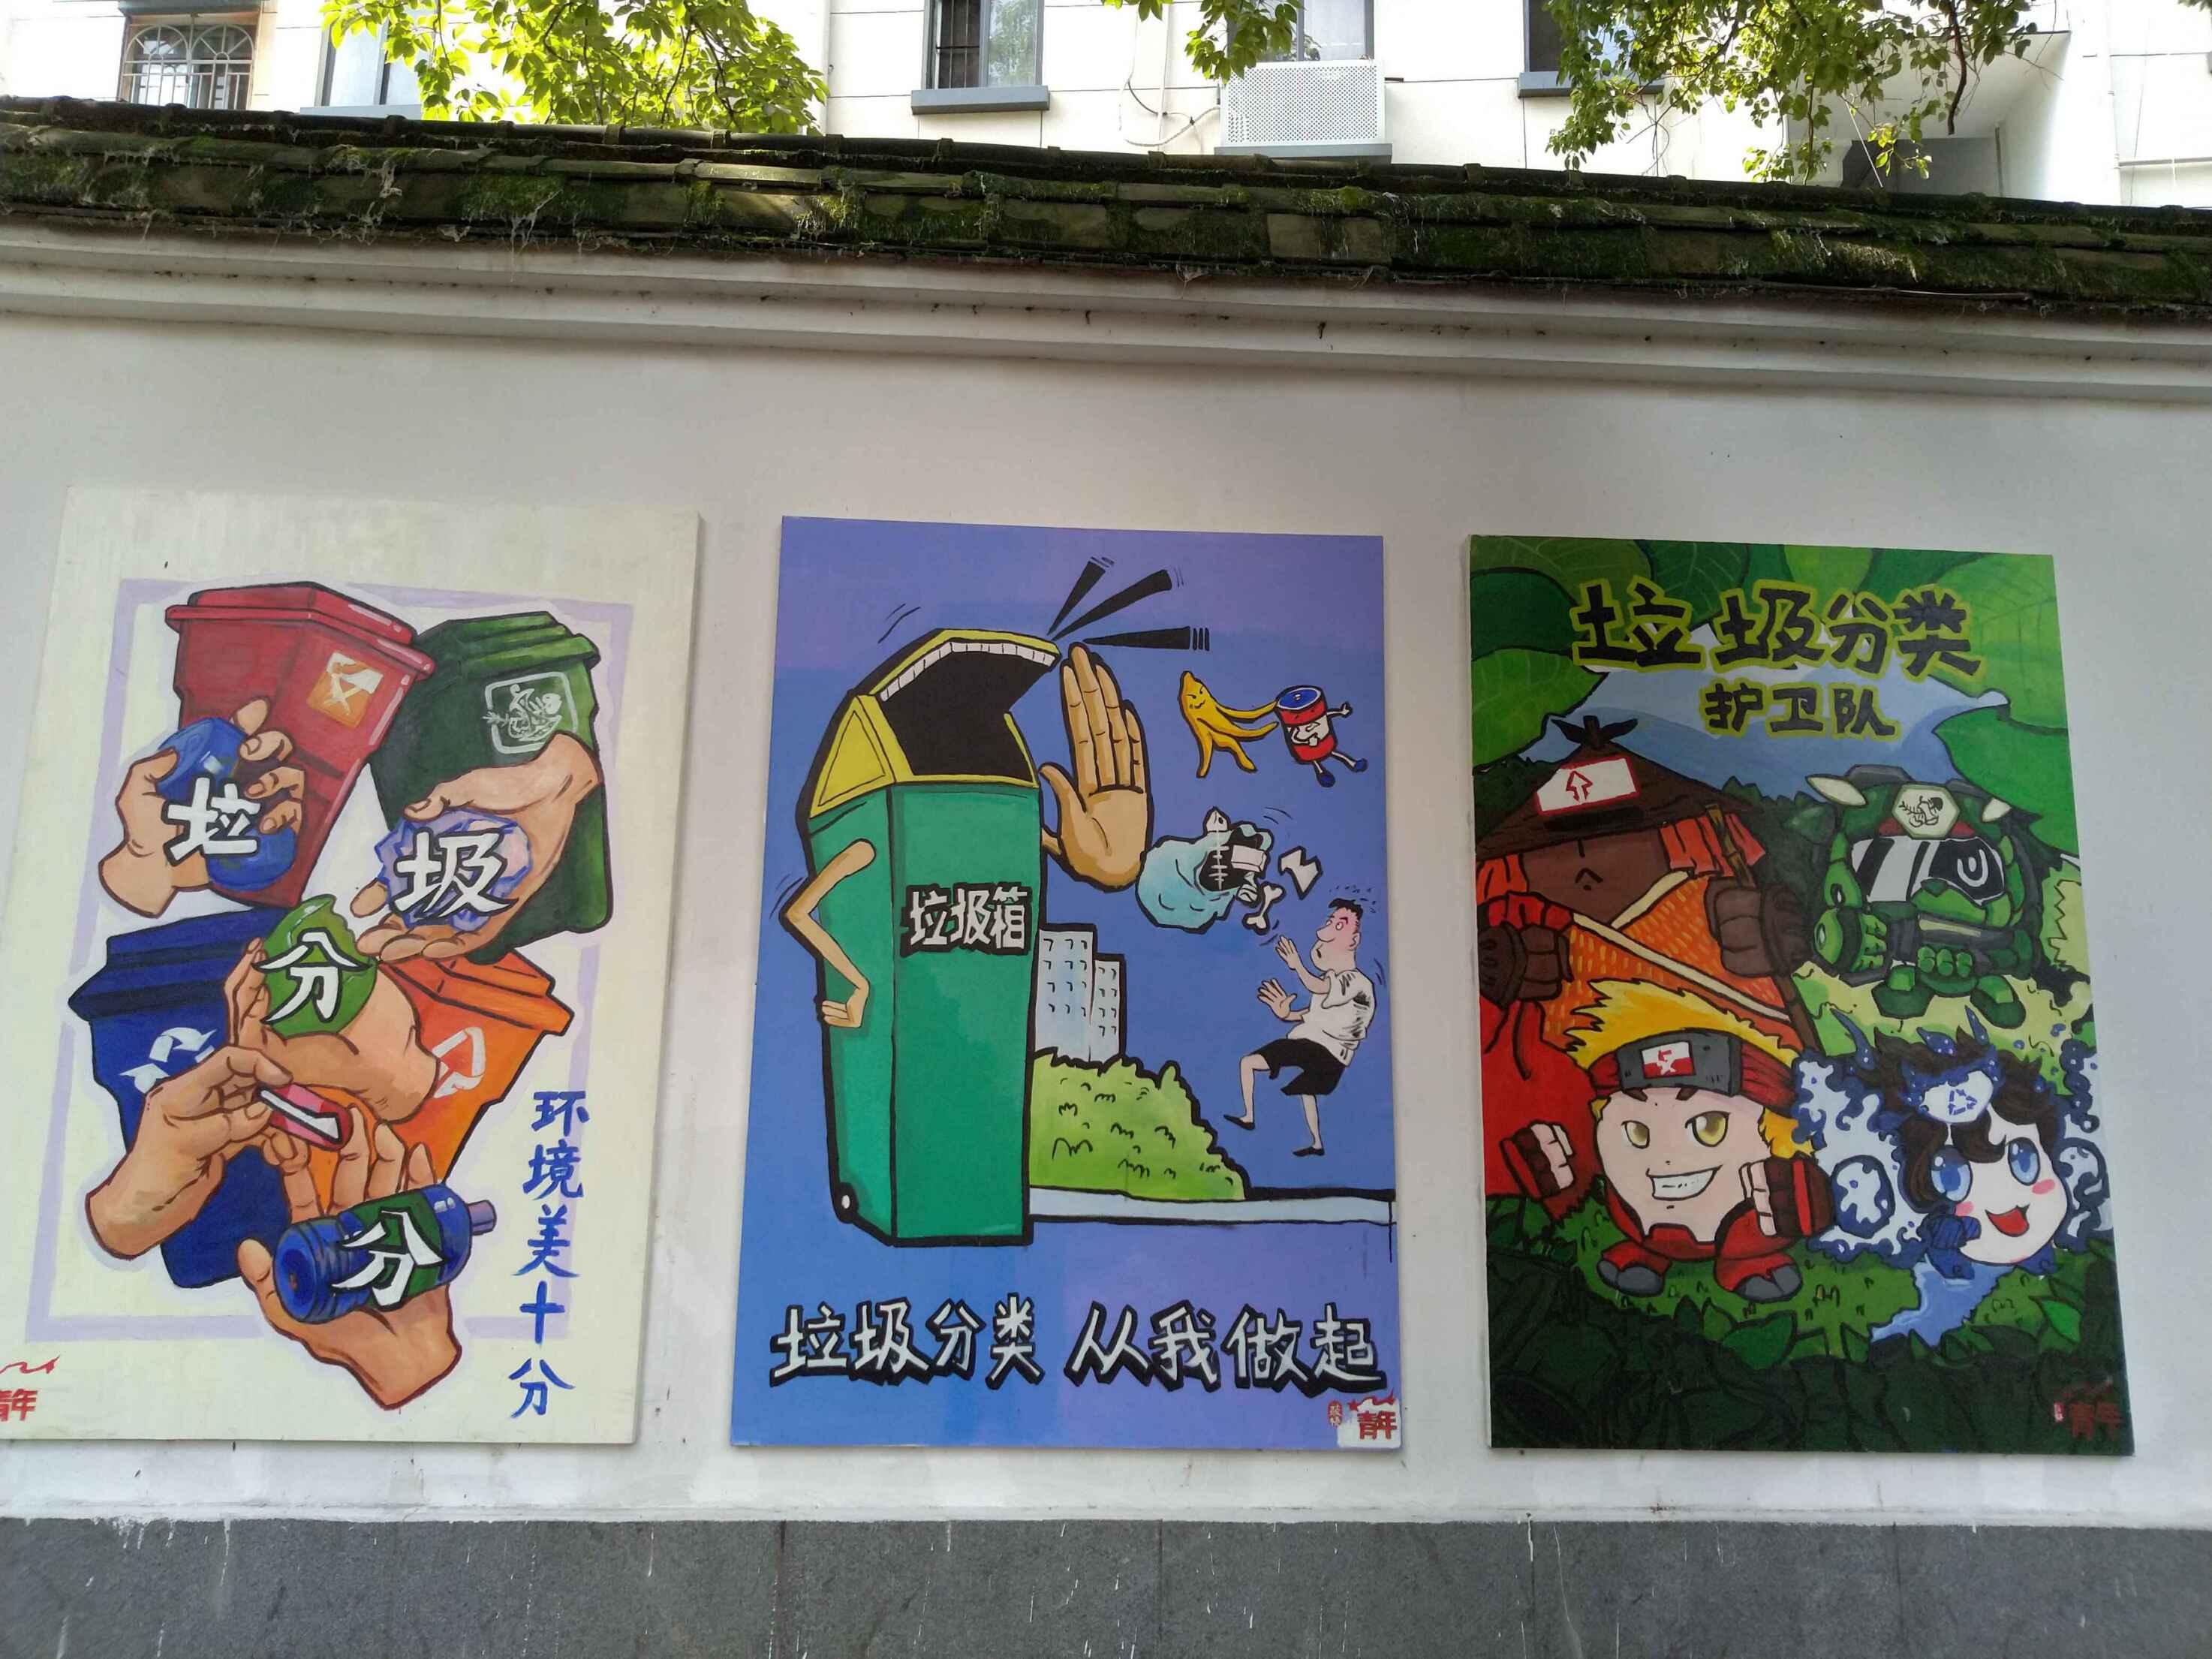 南昌墙体画手绘,南昌幼儿园彩绘墙面,南昌幼儿园涂鸦墙,南昌墙体画画